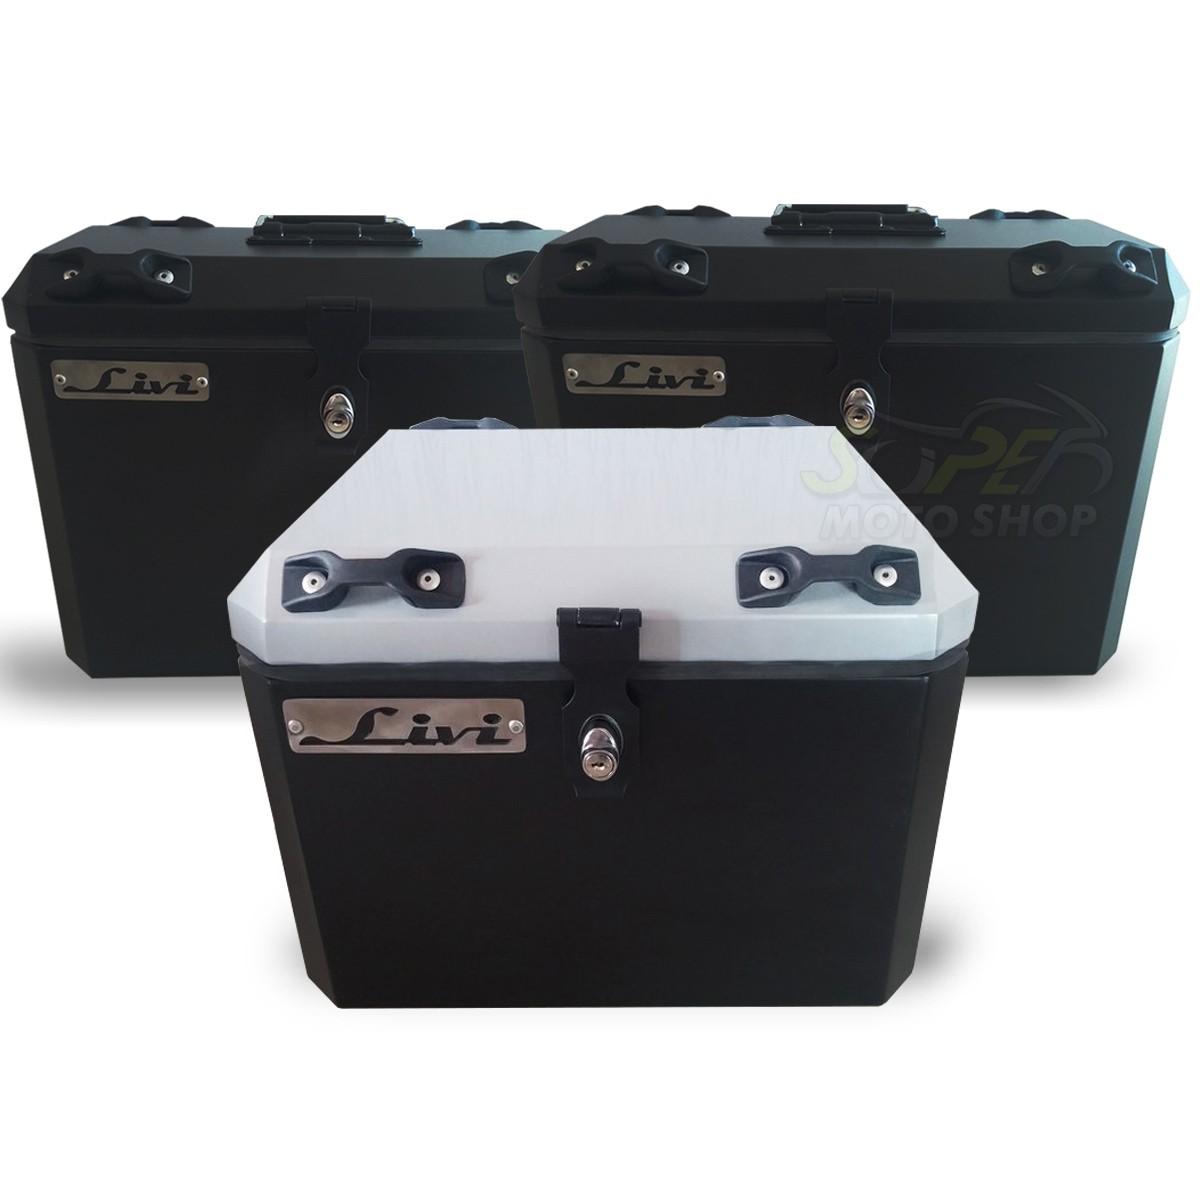 Kit Baú / Bauleto Alumínio Traseiro Top Case + Lateral Side Case + Suporte Para Baú de Alumínio Livi - GS 1200 R até 2012 - BMW